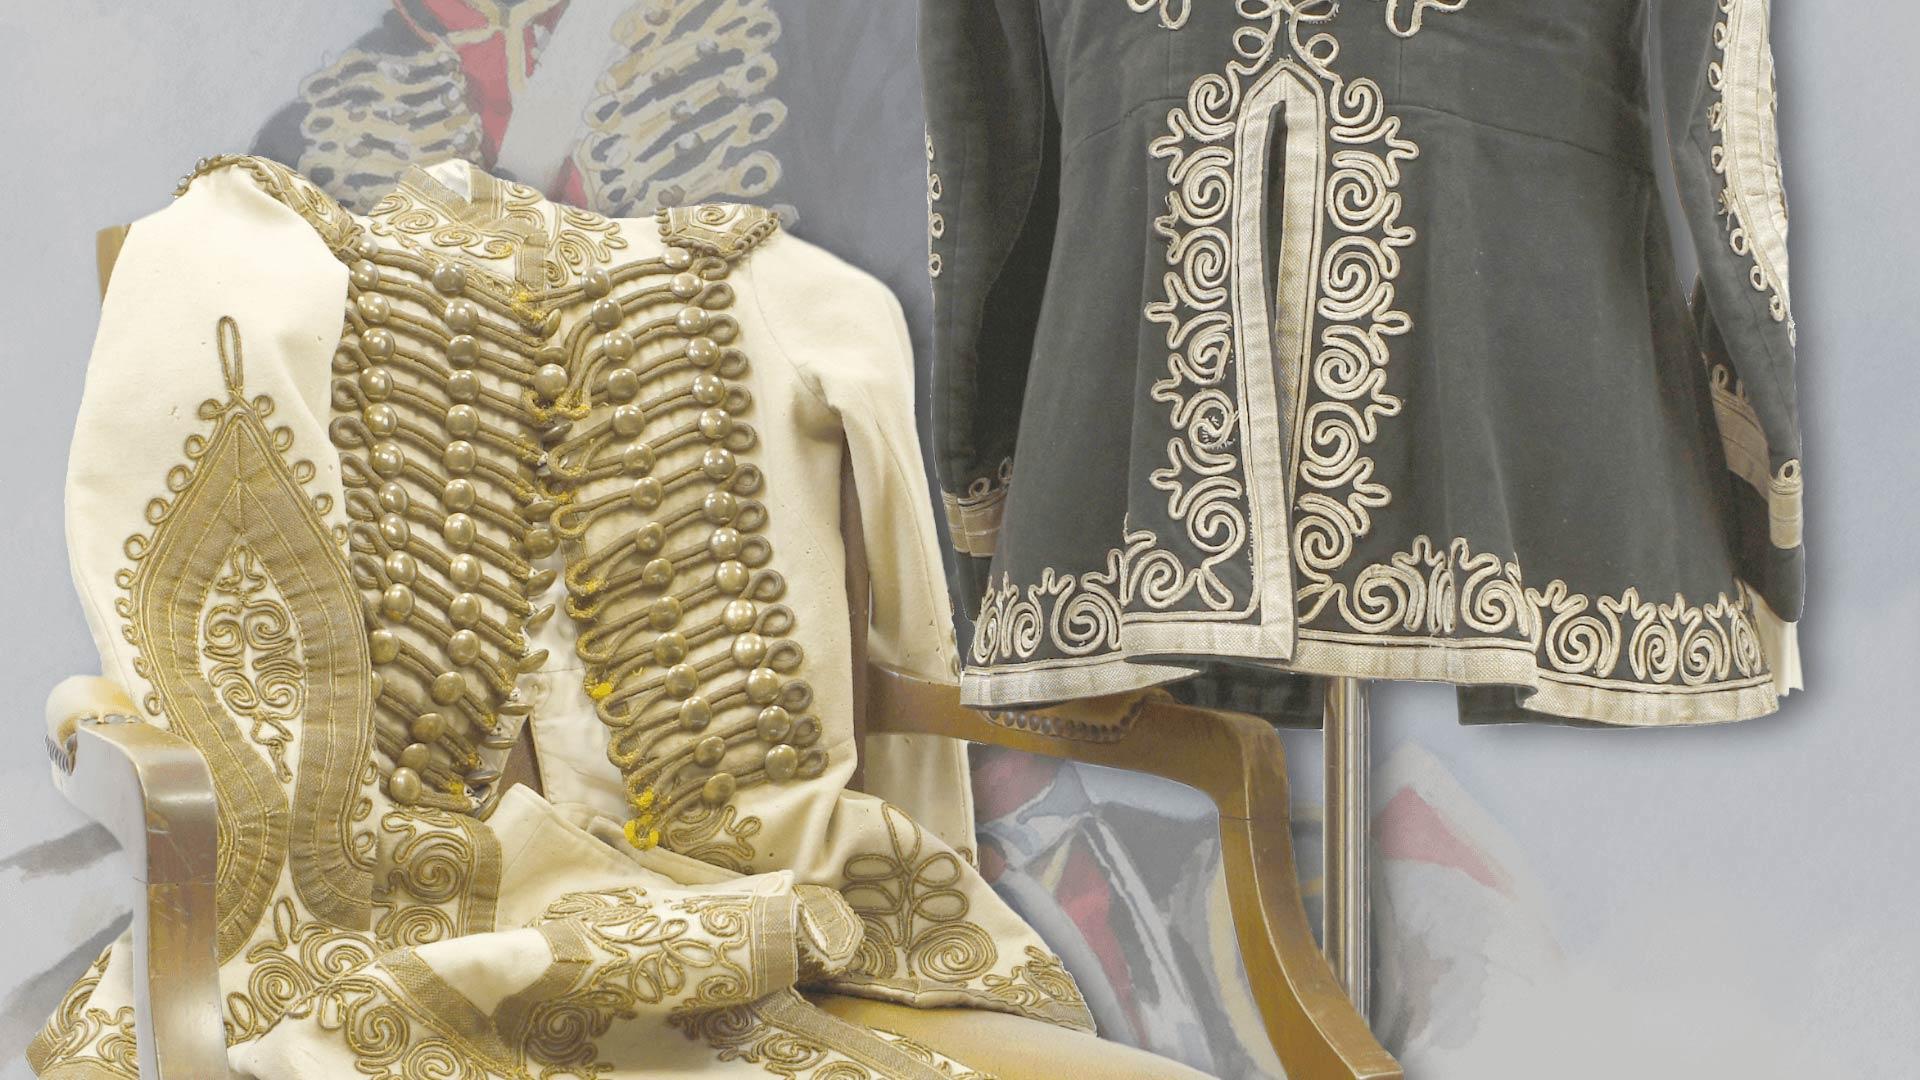 fornitura di divise storiche